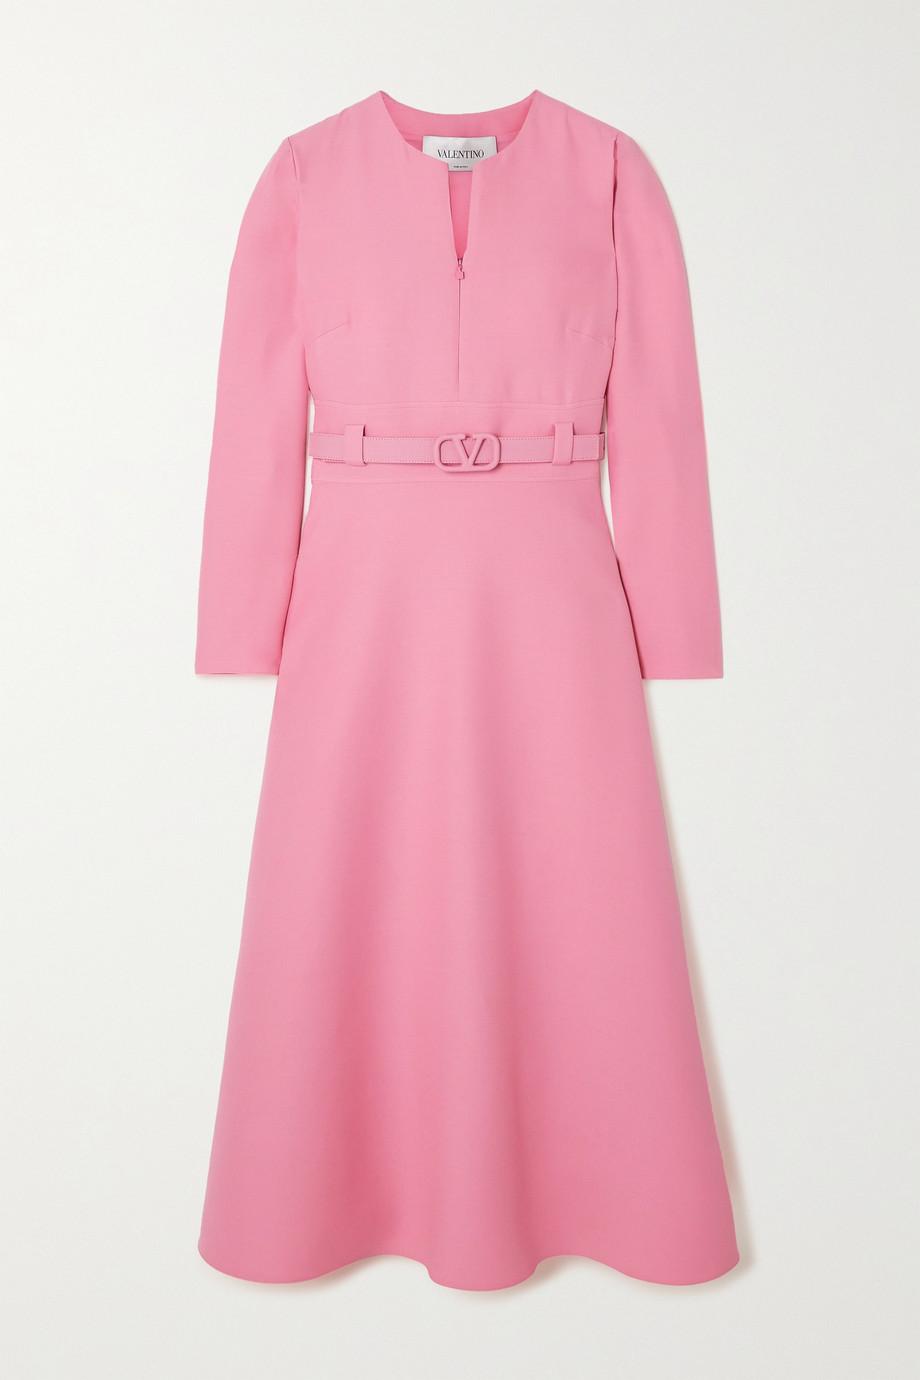 Valentino Kleid aus Crêpe aus einer Woll-Seidenmischung mit Gürtel